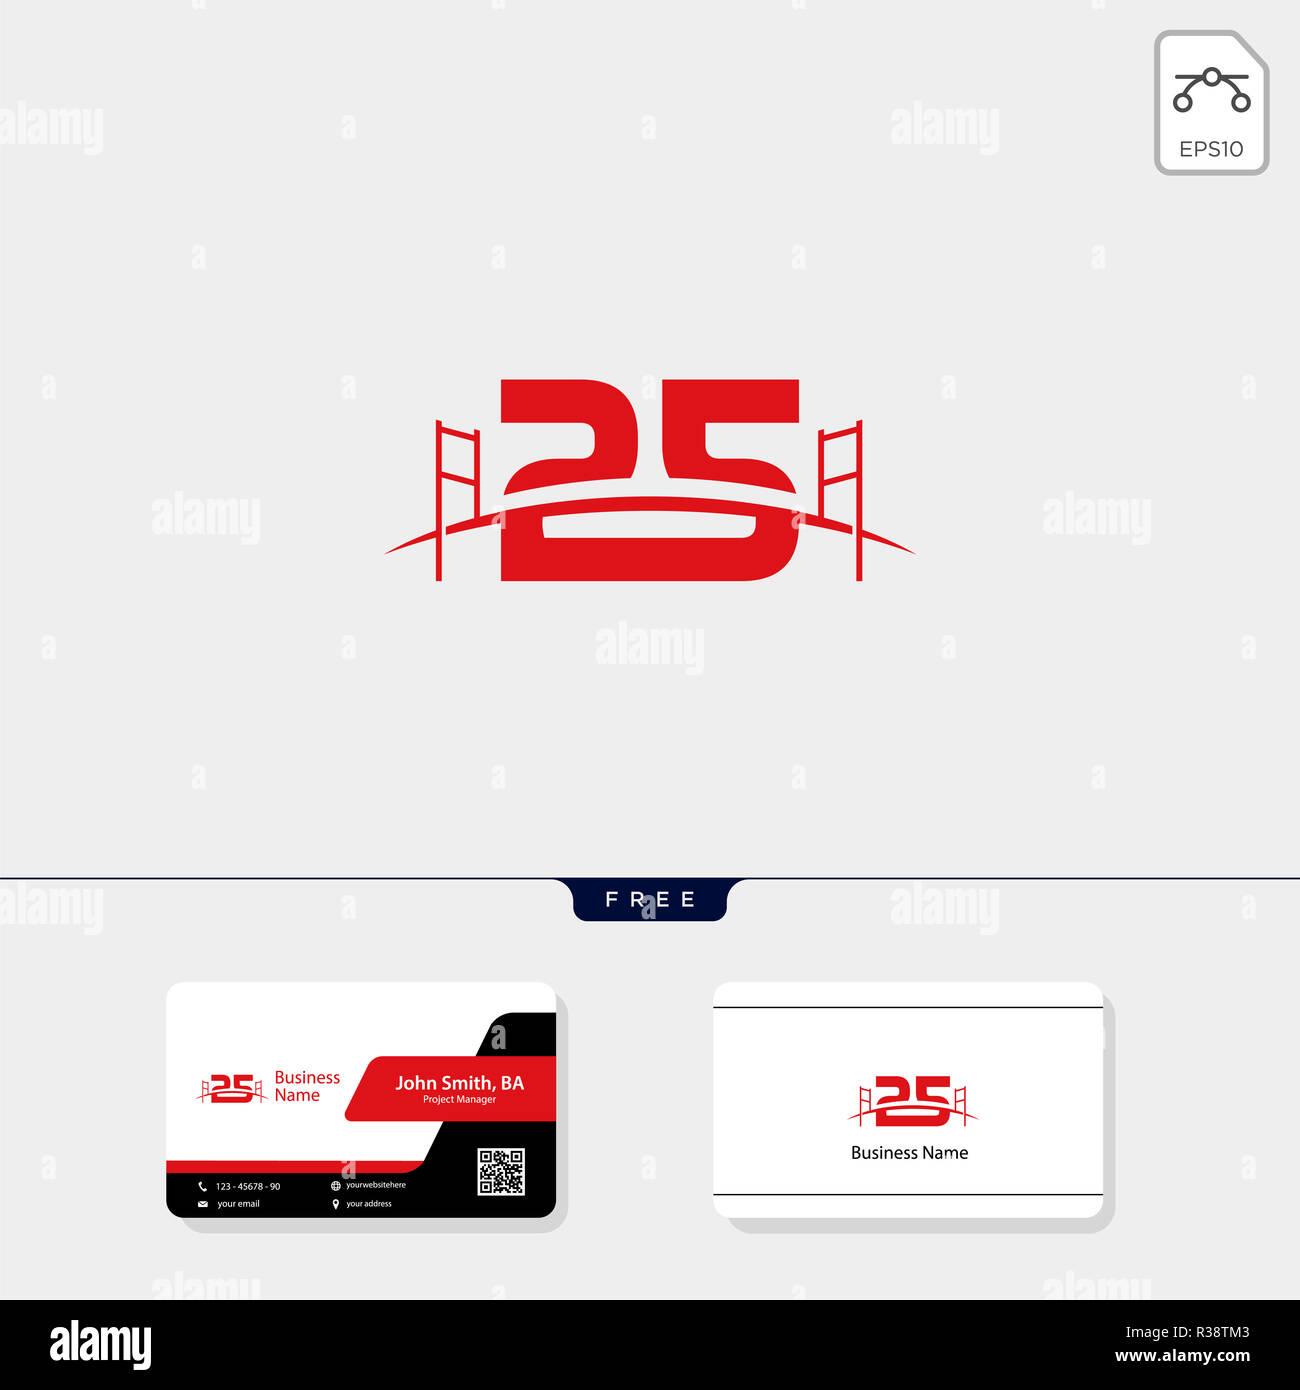 25 La Construction De Ponts Pour Les Modele Logo Vector Illustration Carte Visite Conception